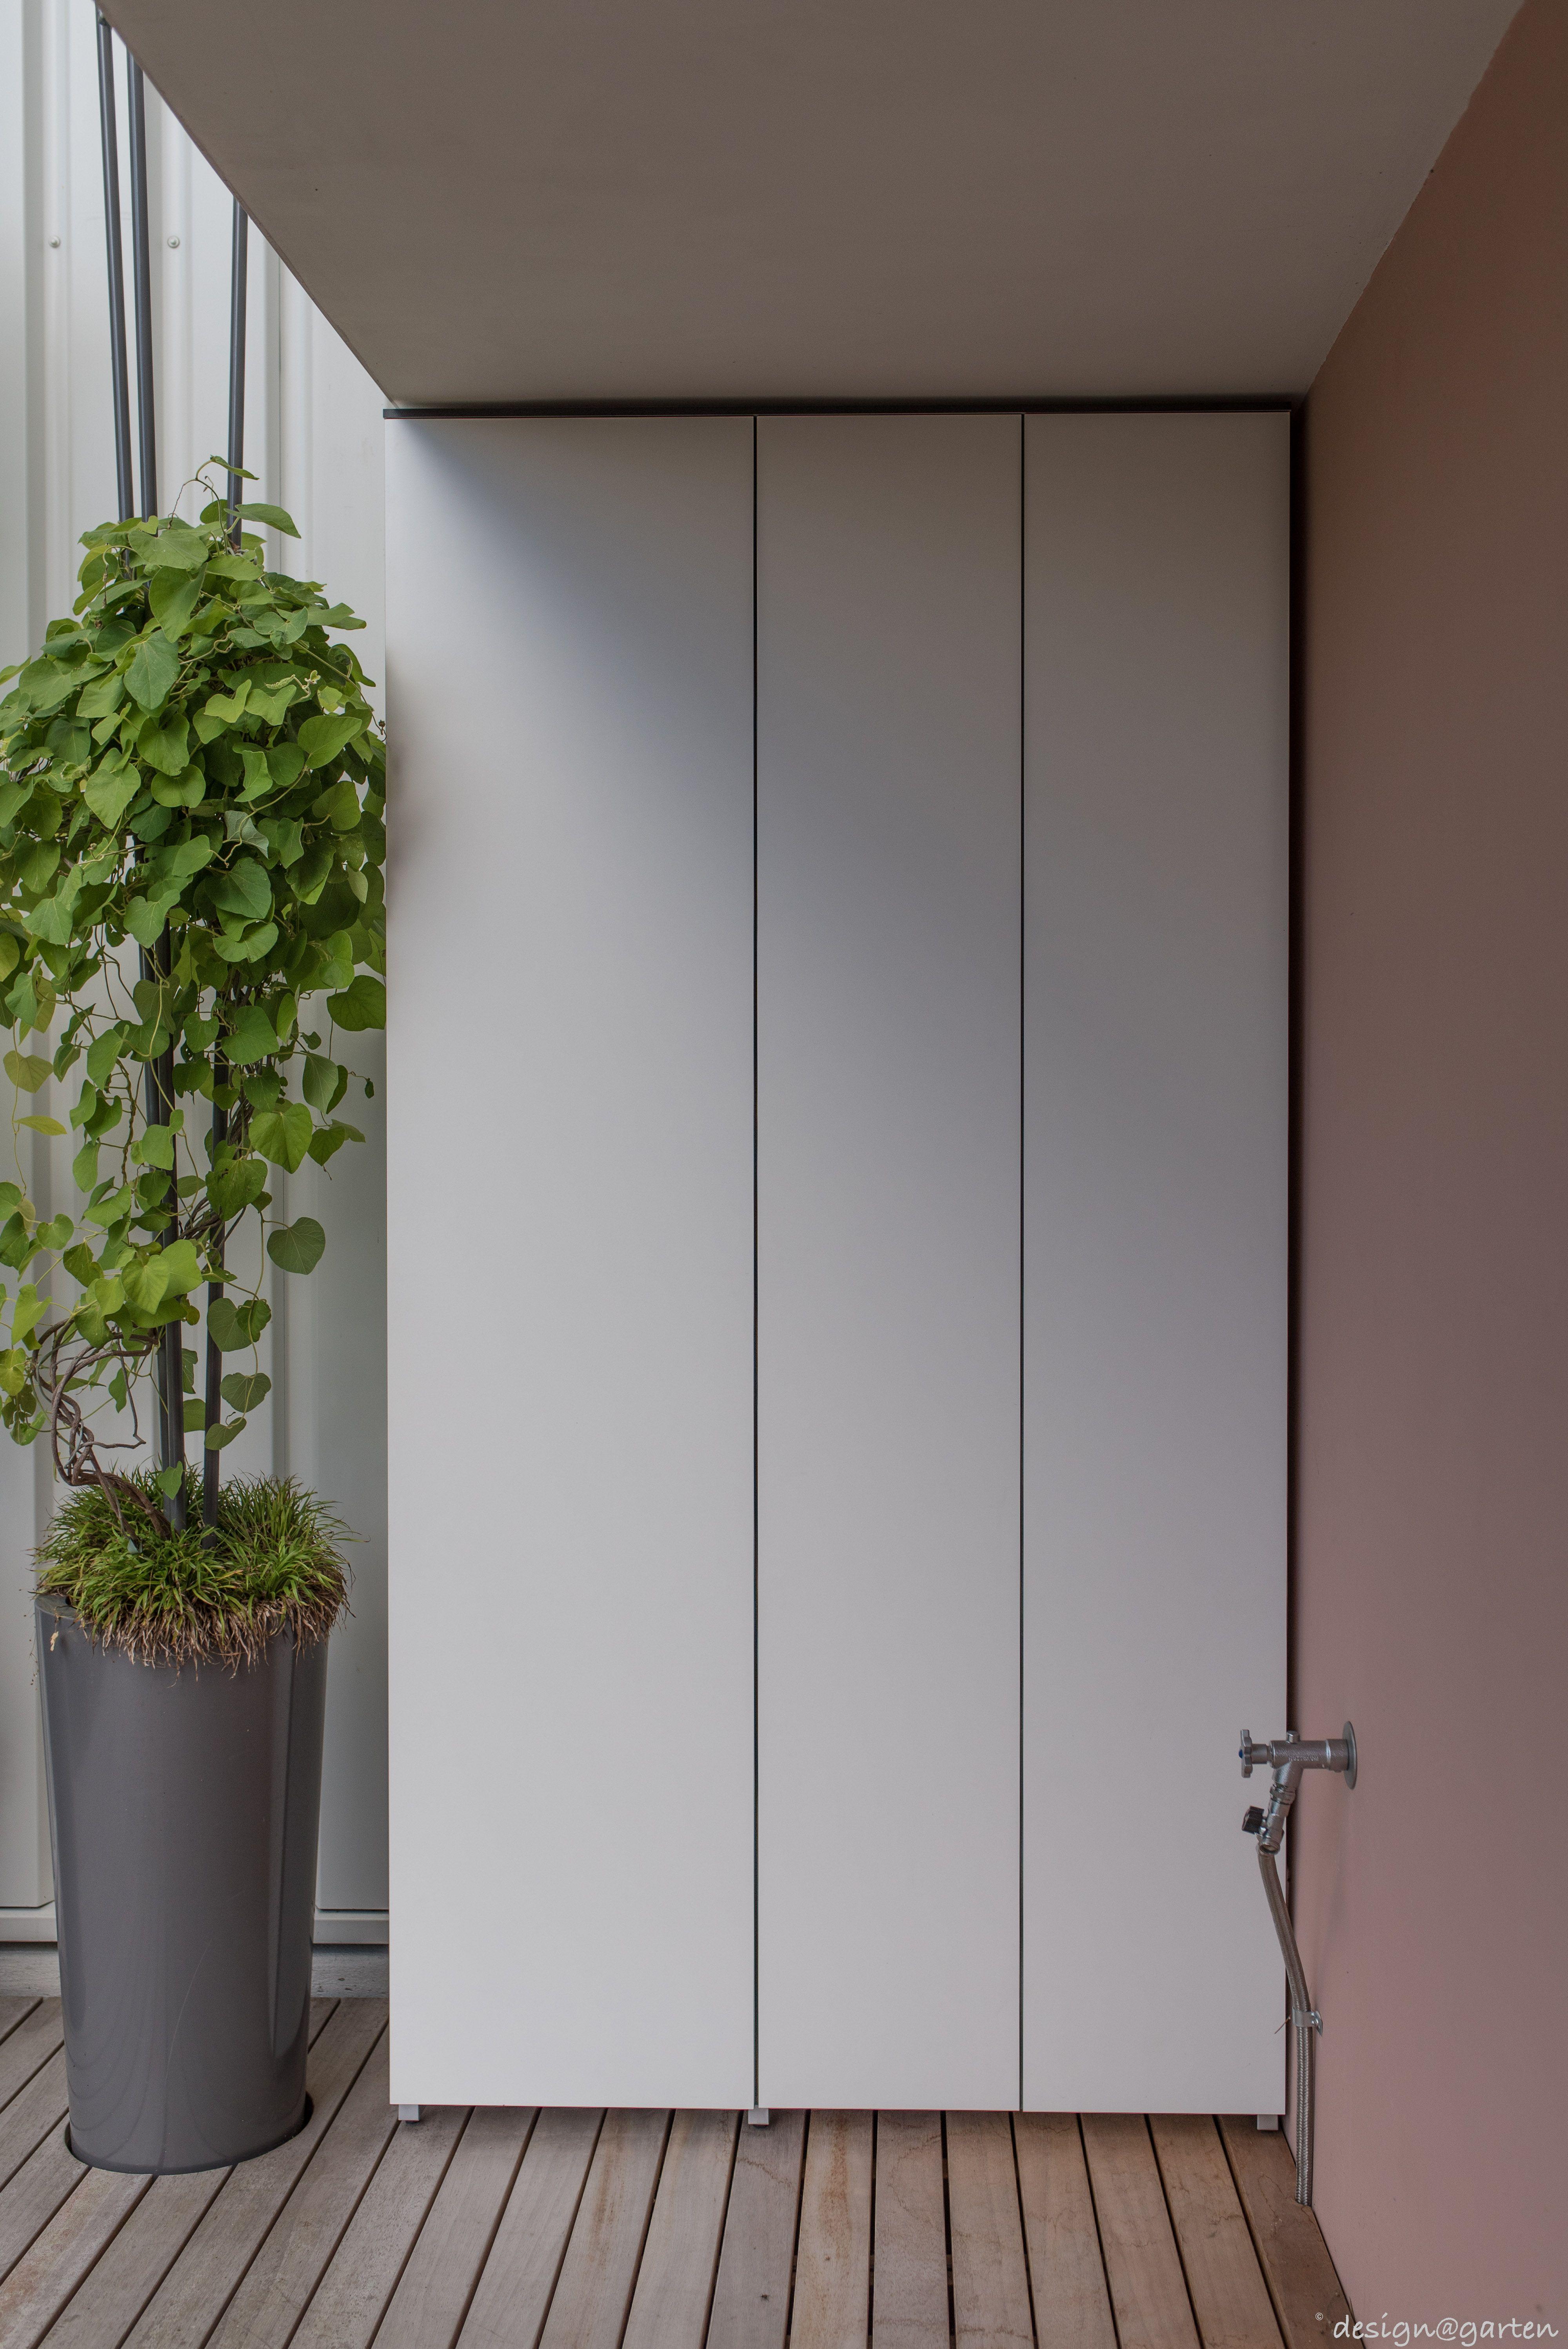 Terrassenschrank Balkonschrank Win Nach Mass By Design Garten In Rheinfelden Schweiz Design C Garten In Augsburg Gartenschrank Balkonschrank Weisser Schrank